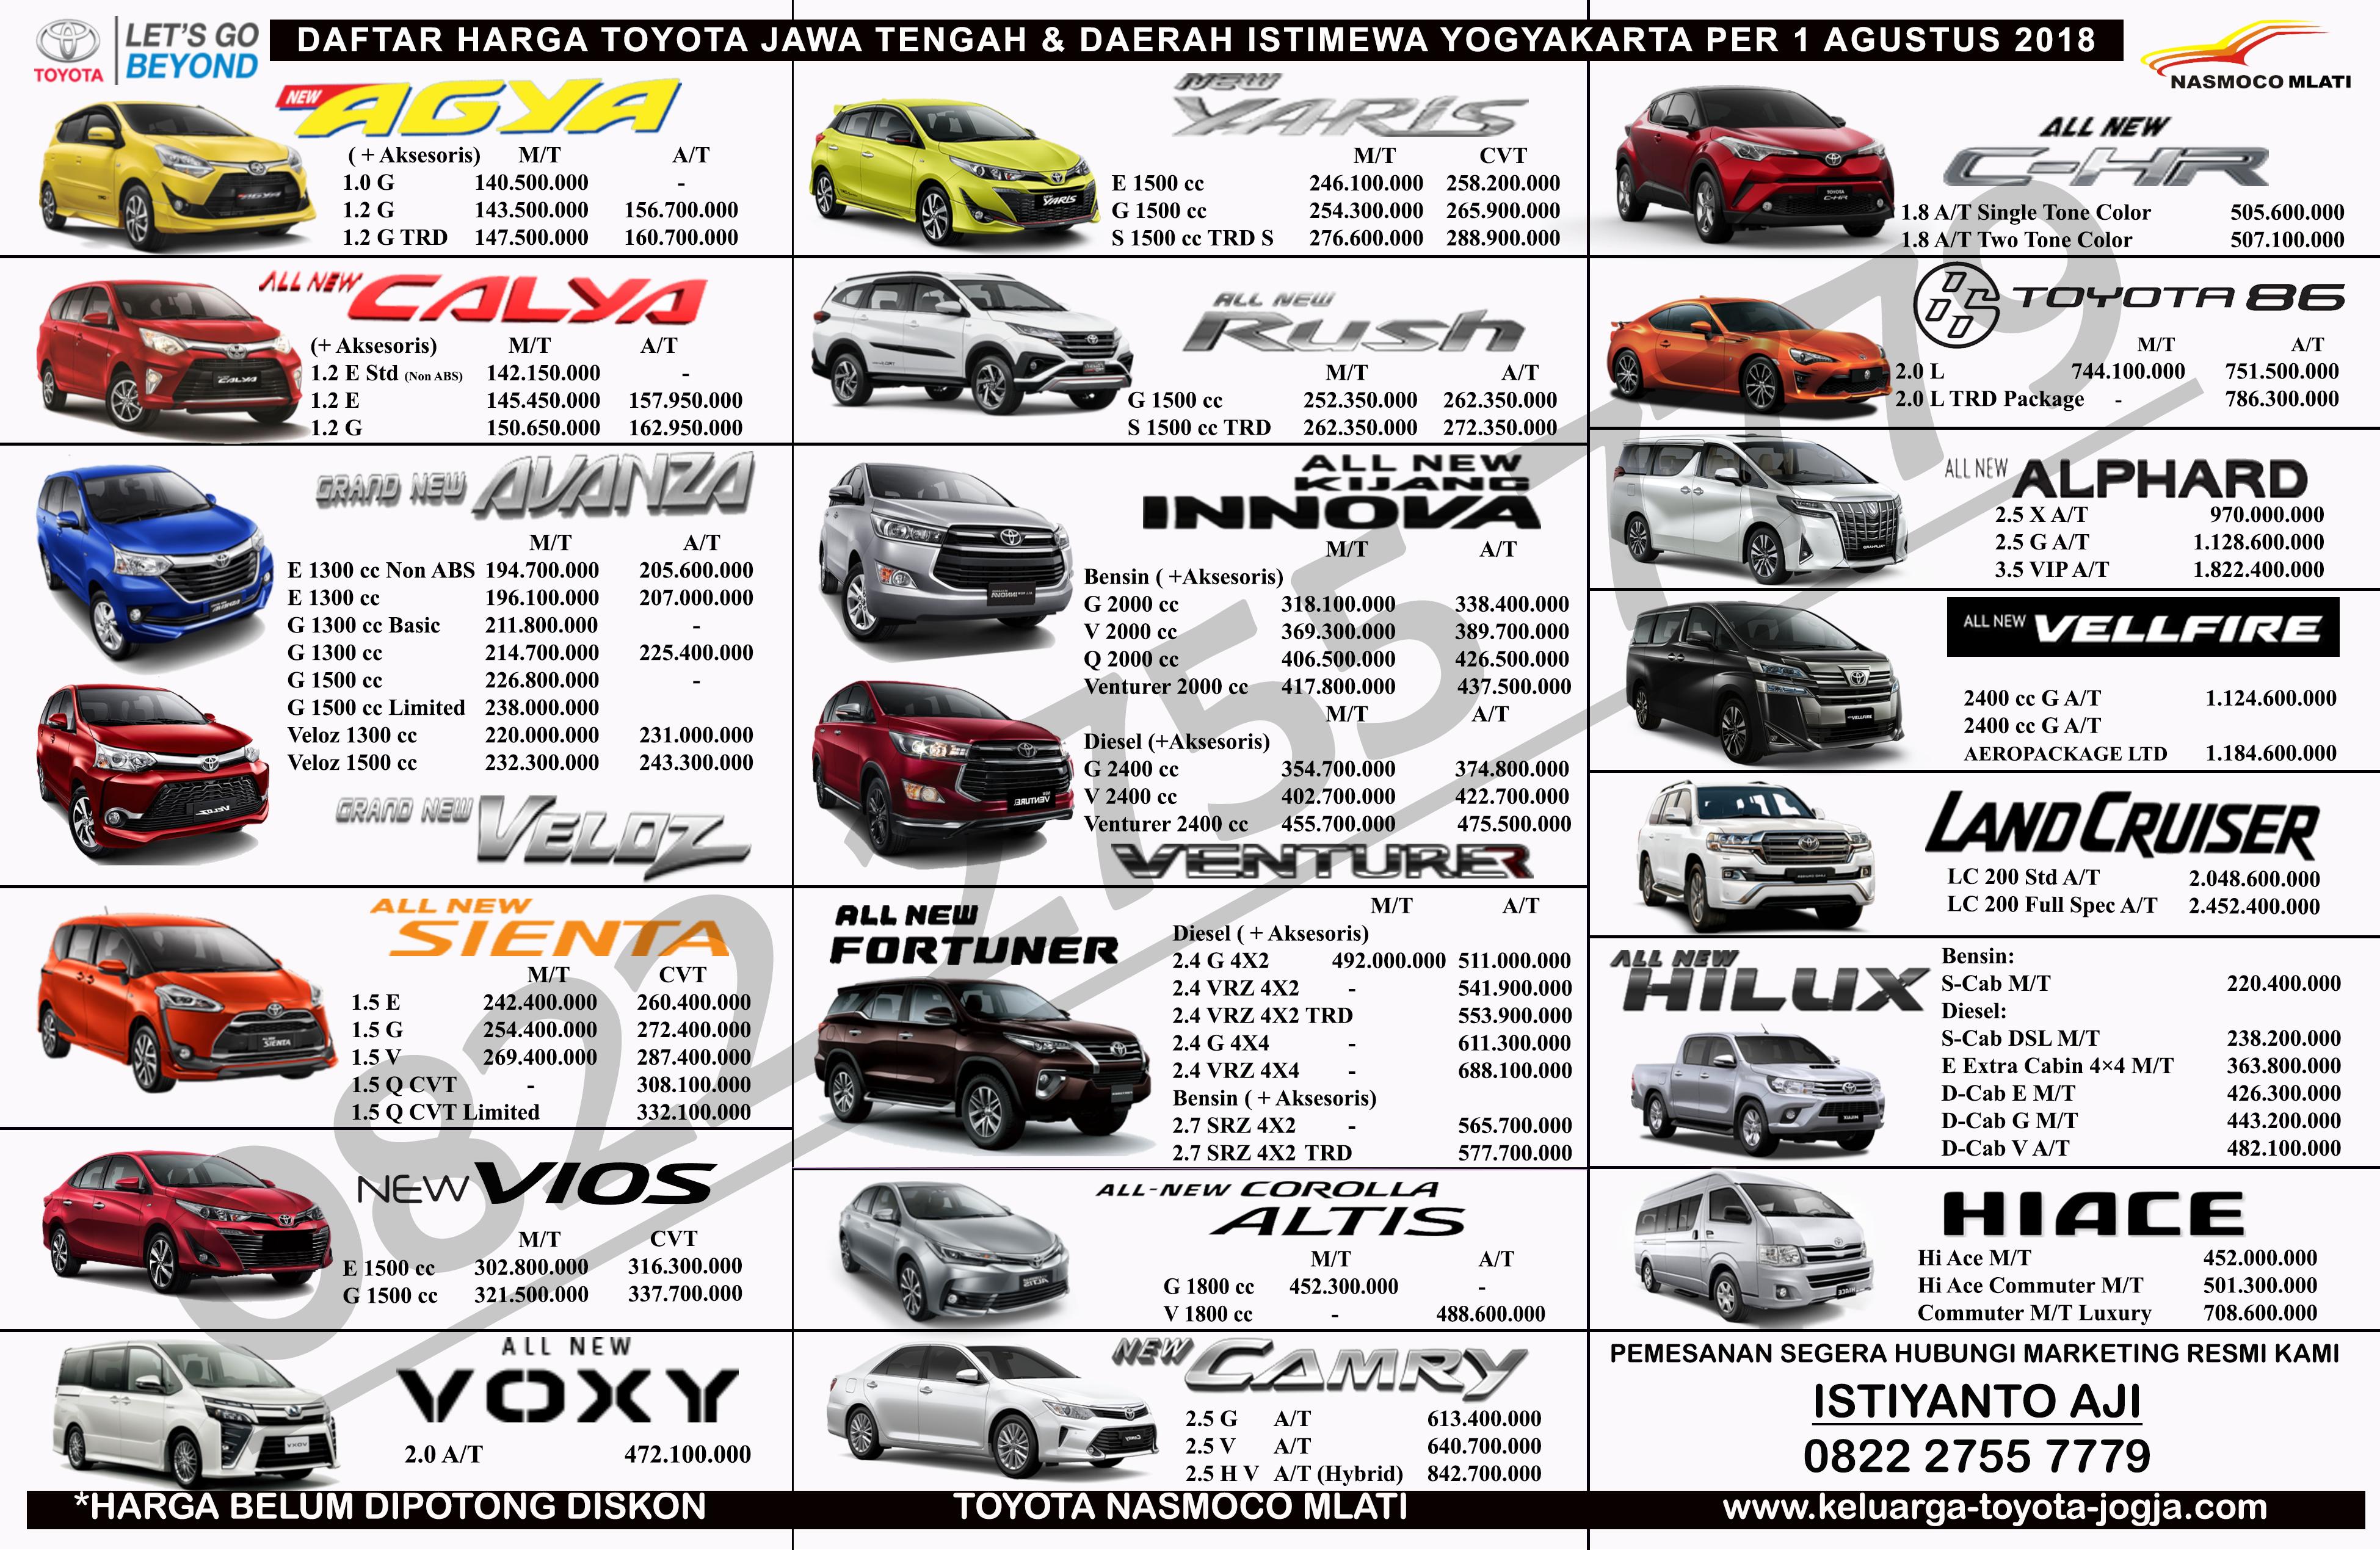 Kekurangan Harga Mobil Toyota 2018 Murah Berkualitas